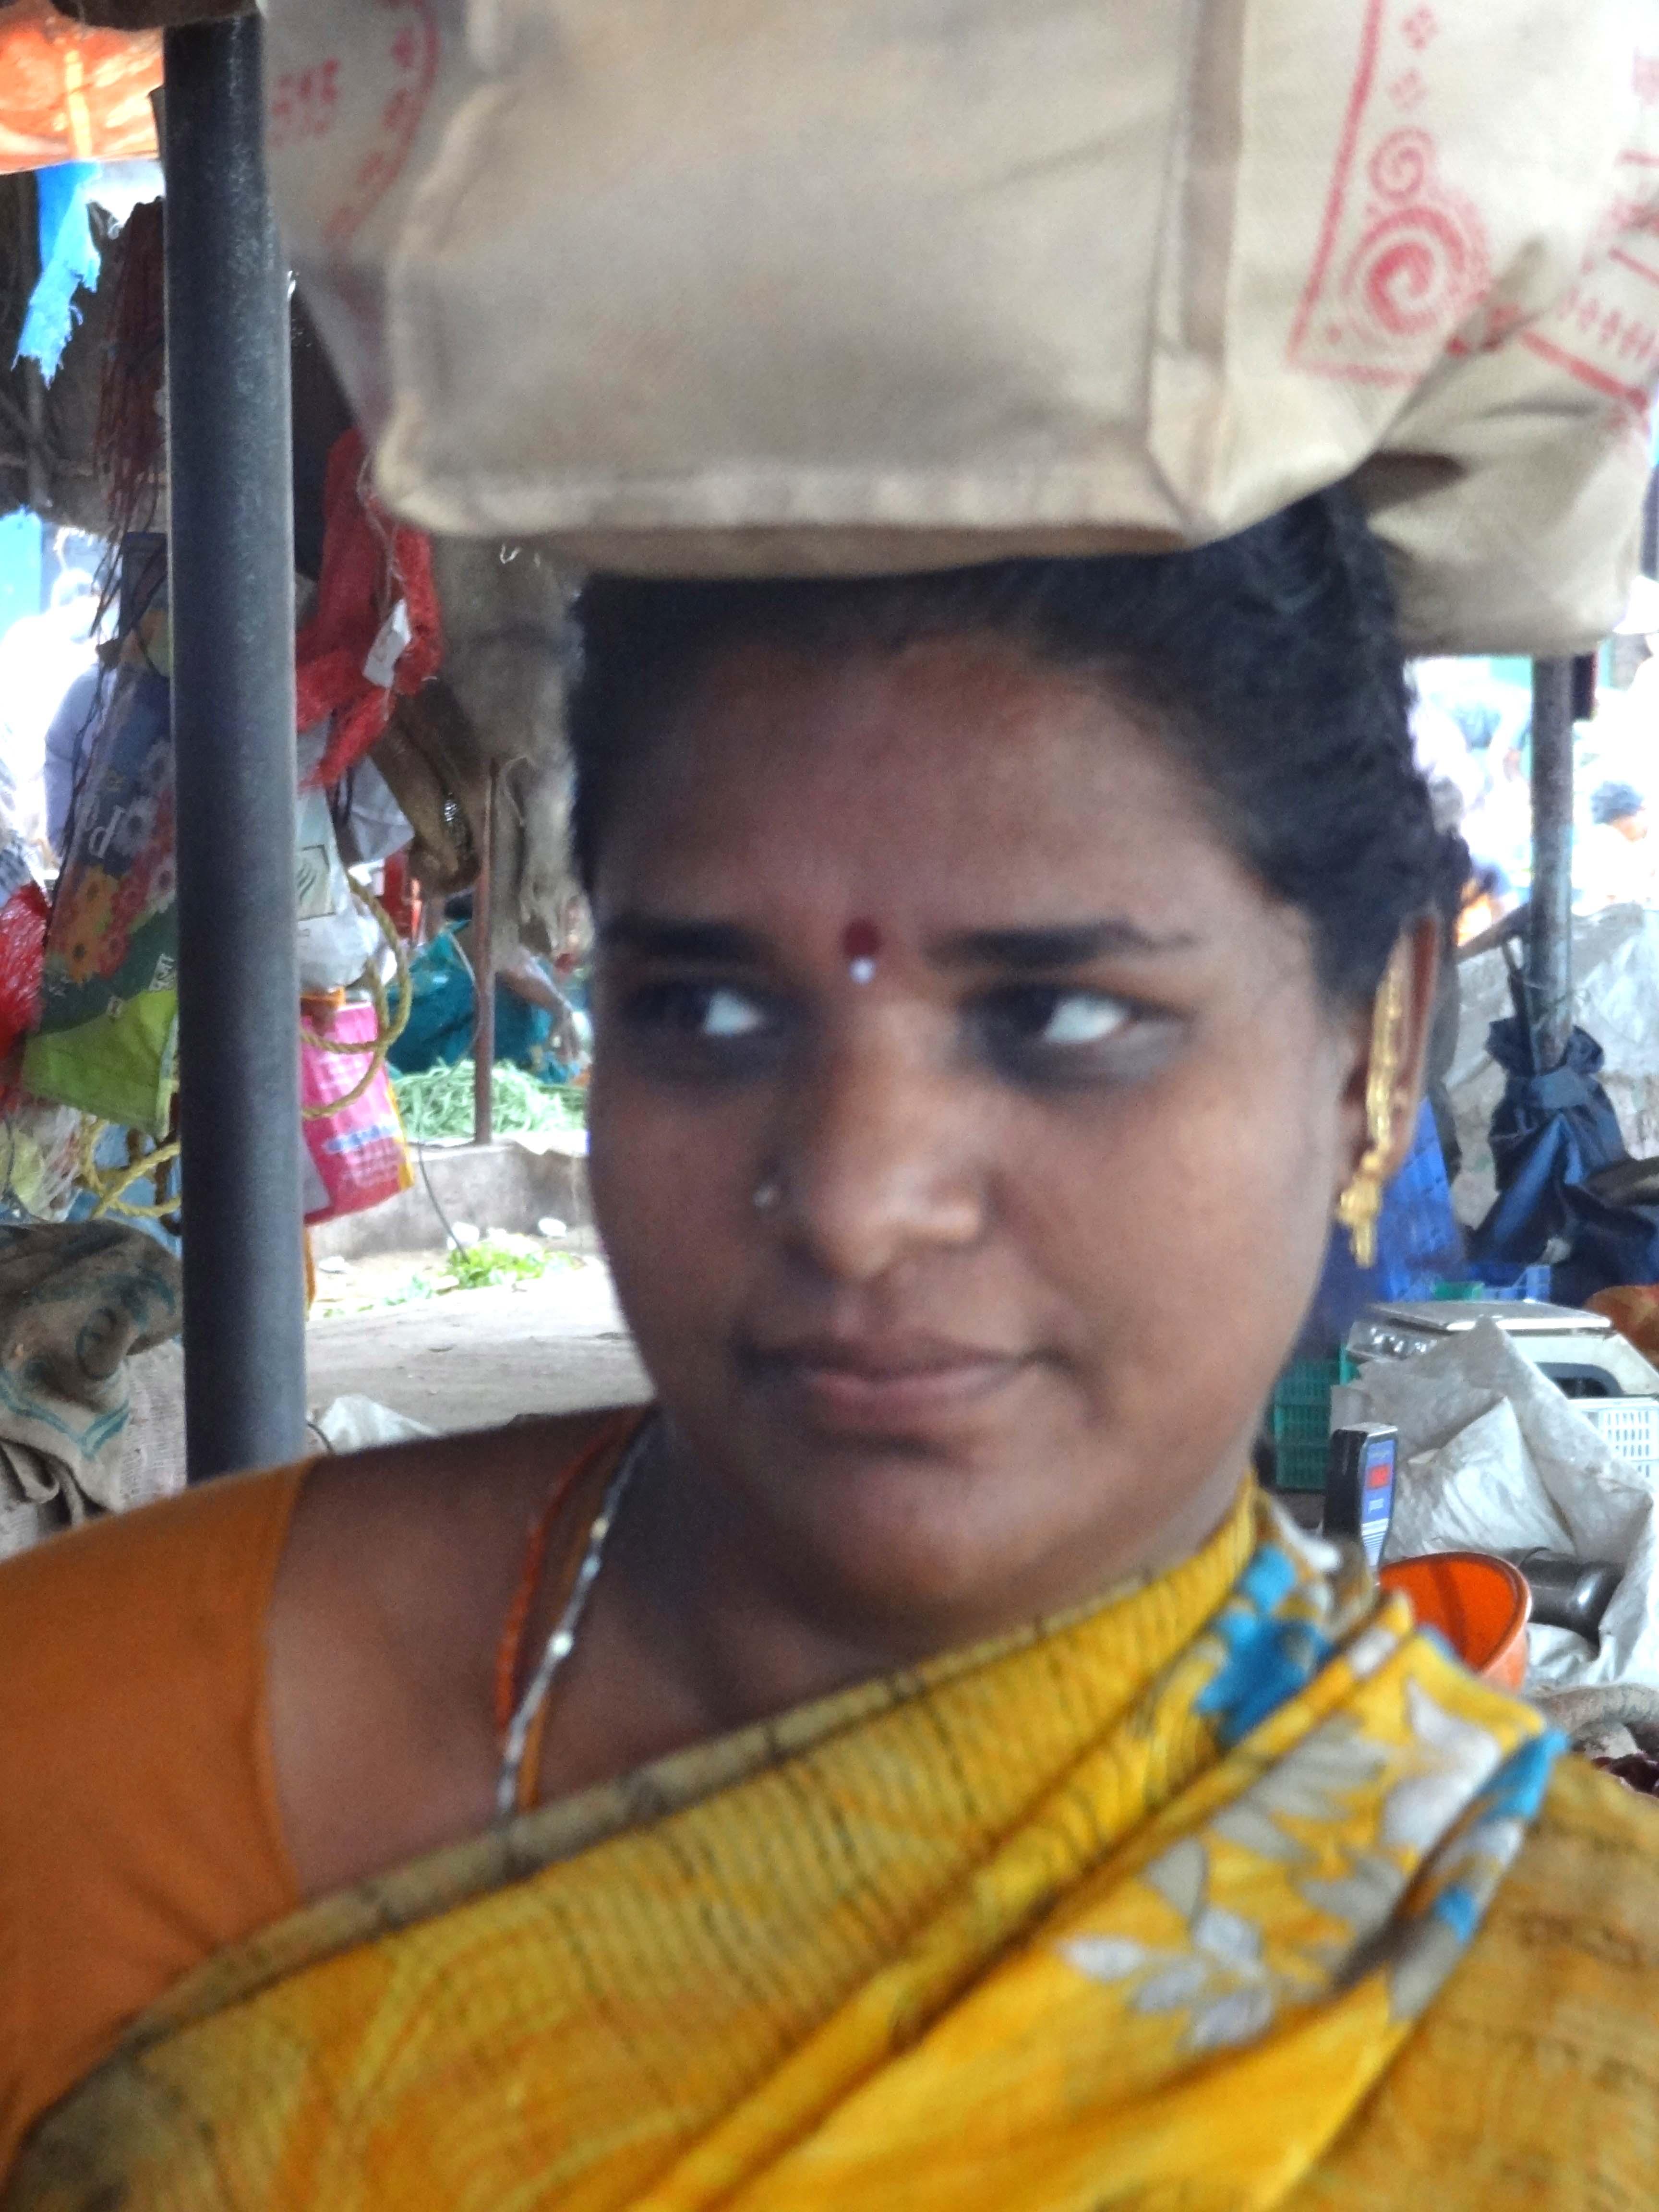 Indisk pige sprøjtning